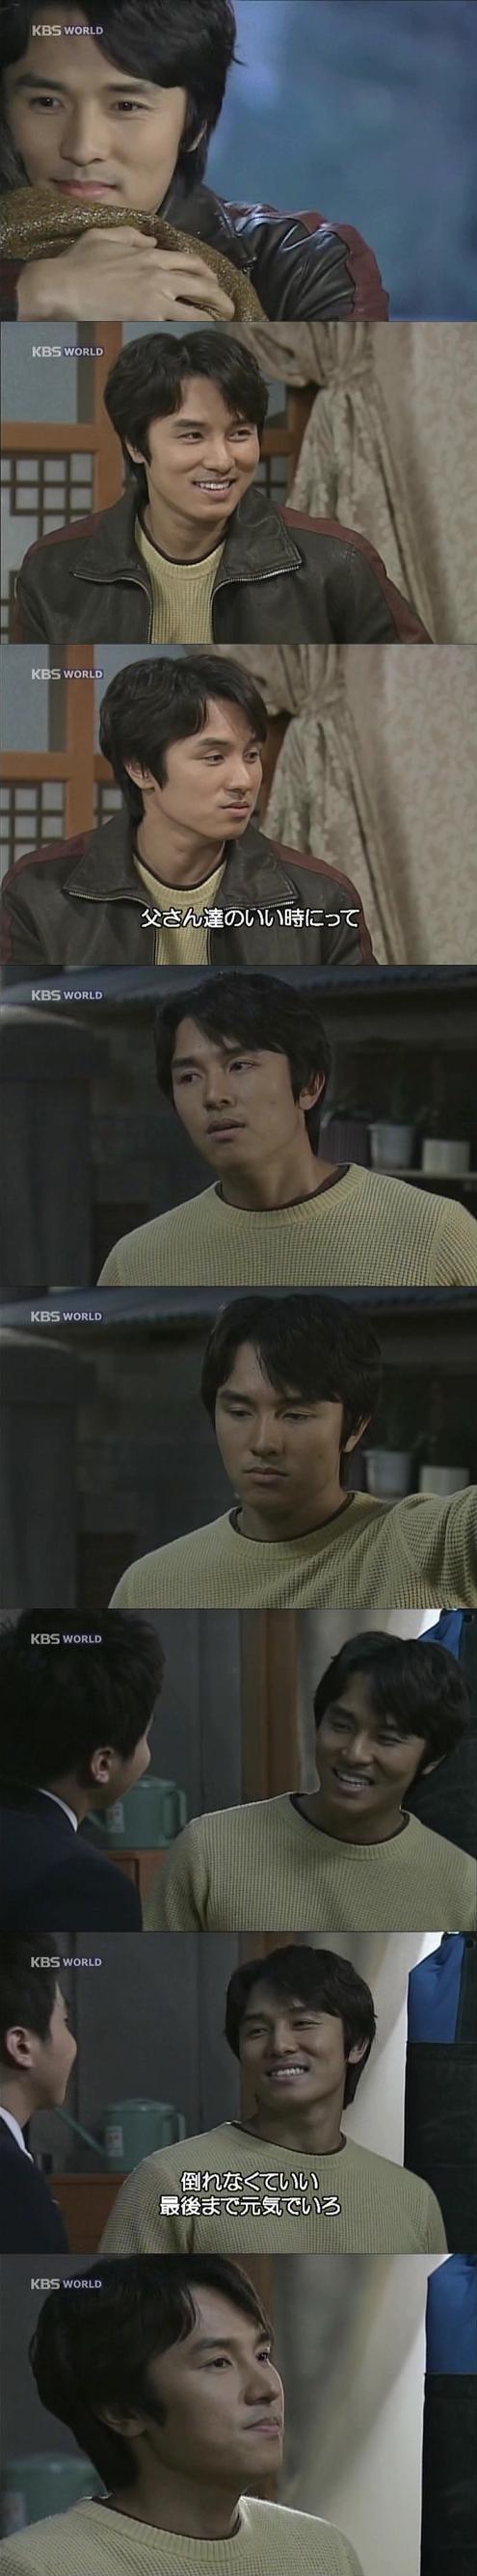 スルアン48話